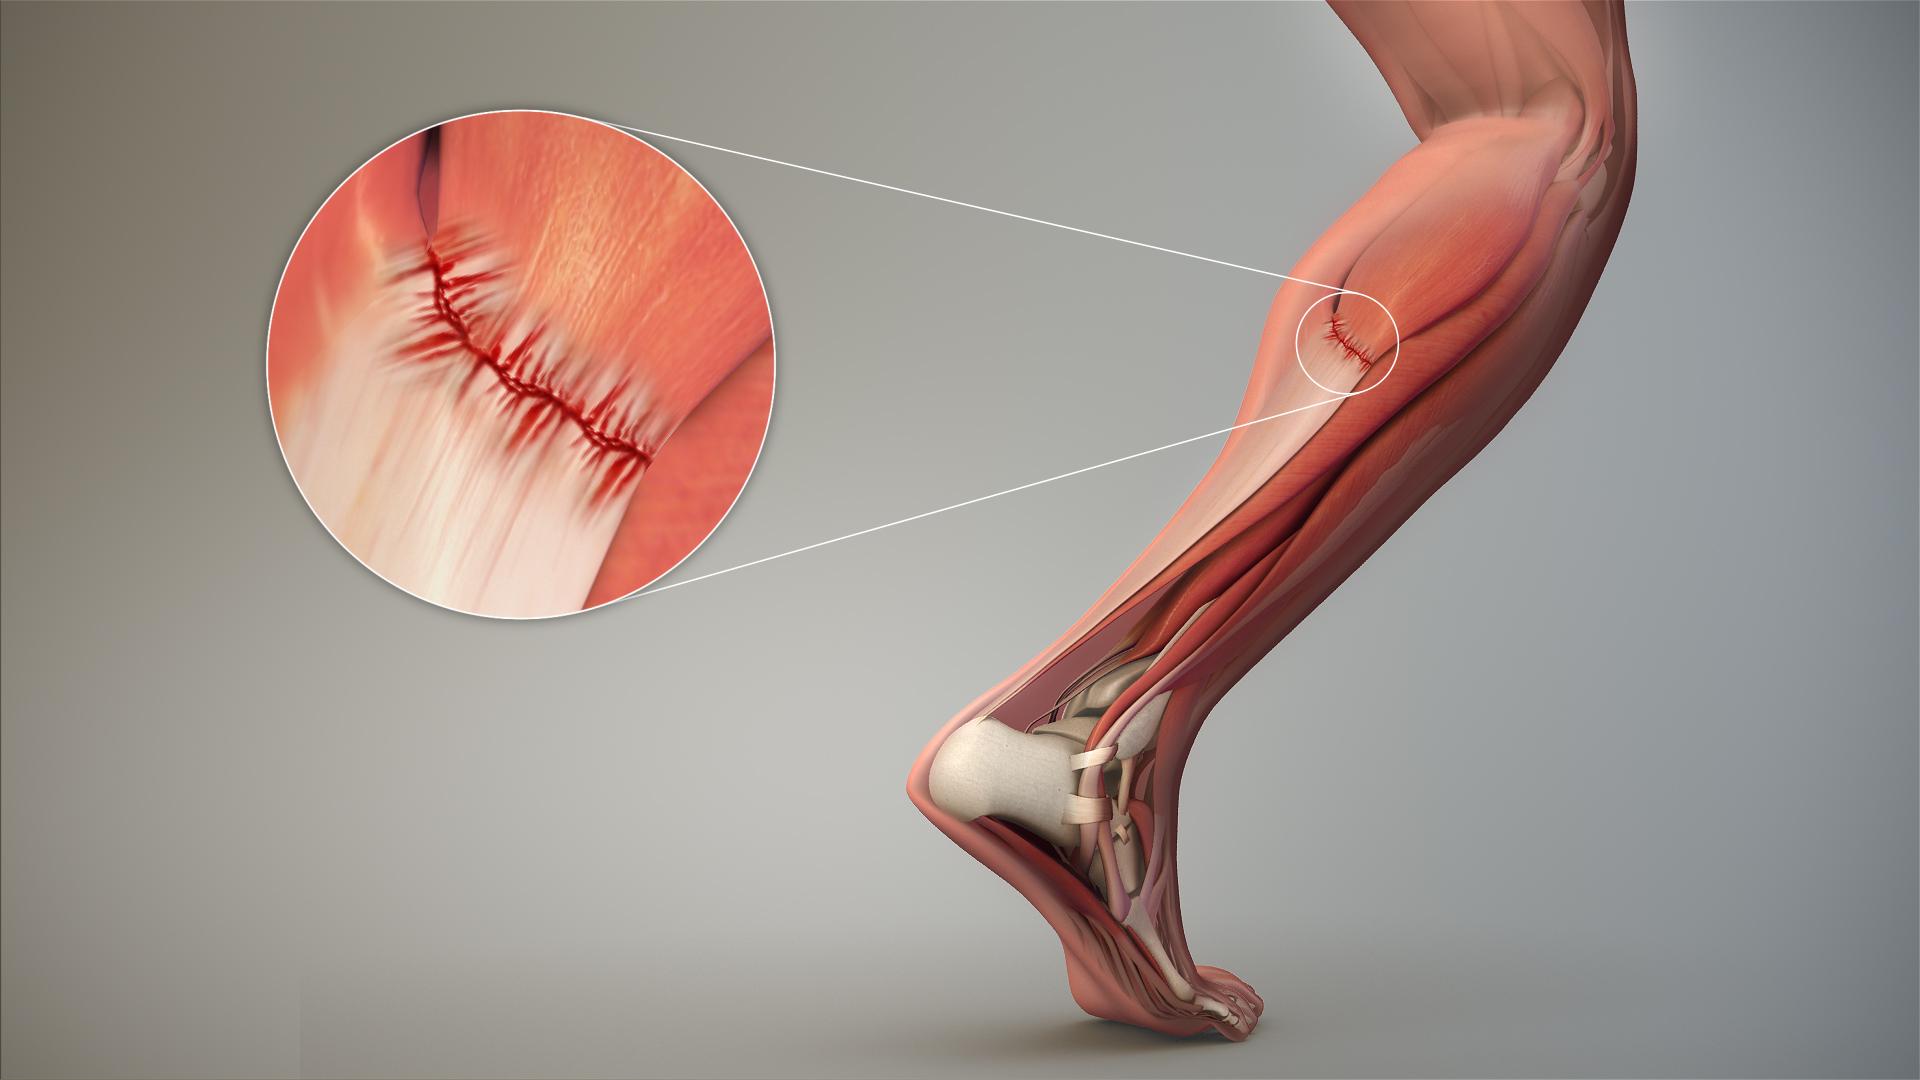 Strain  Injury